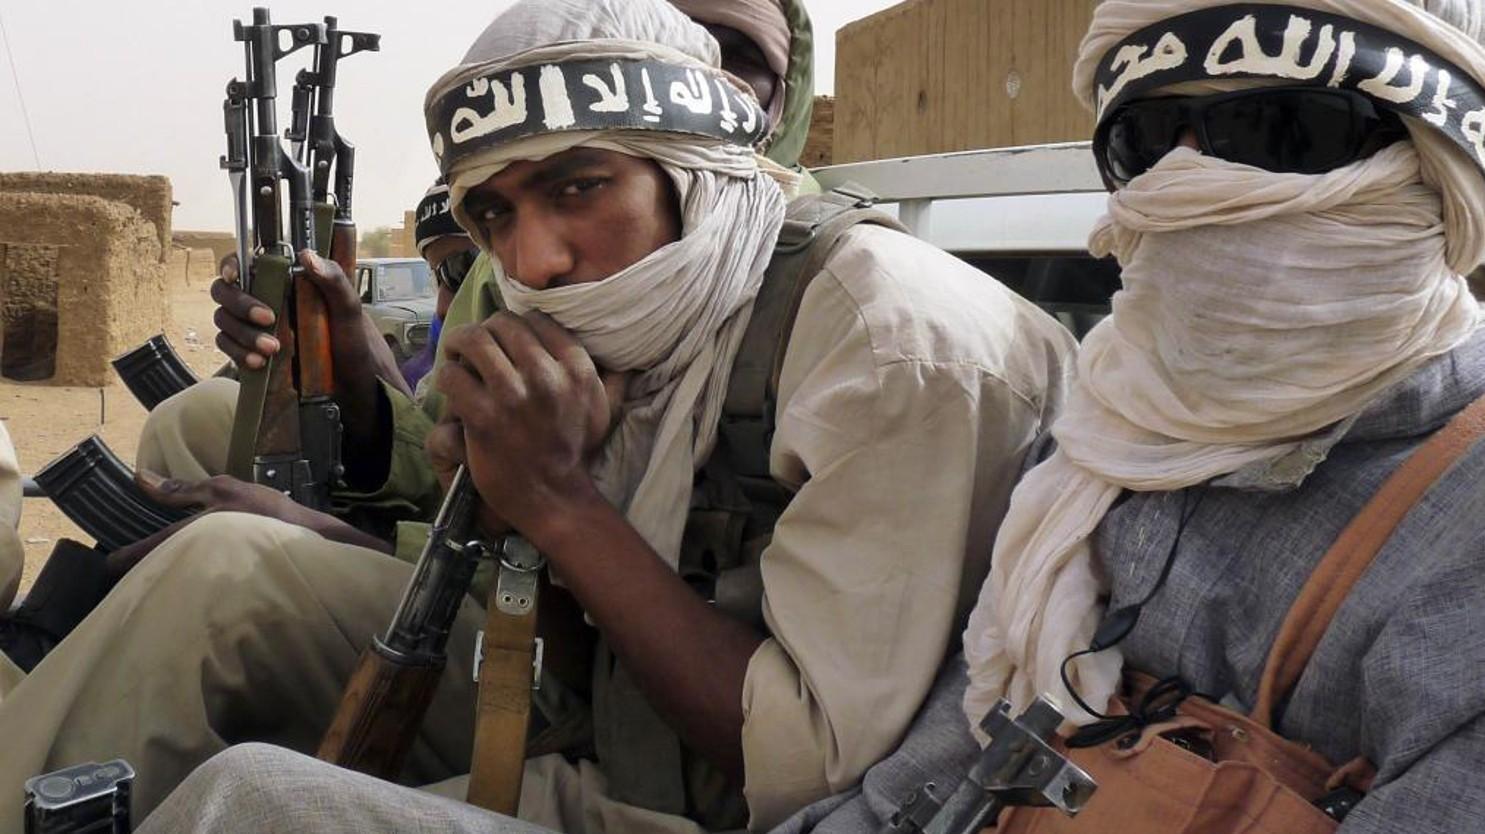 Au Sahel, les Jihadistes tuent et s'entretuent